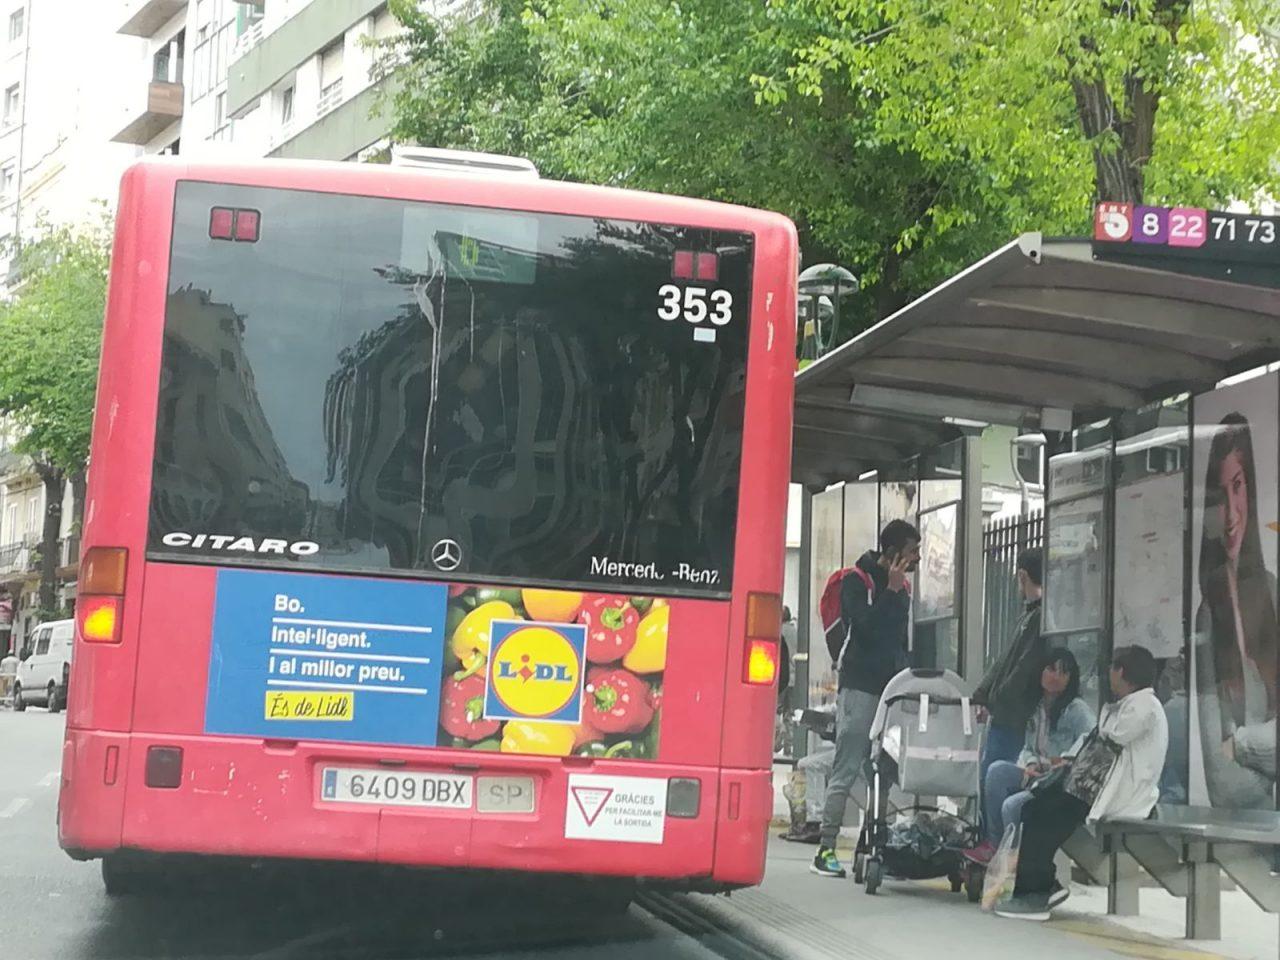 bus3-1280x960.jpg